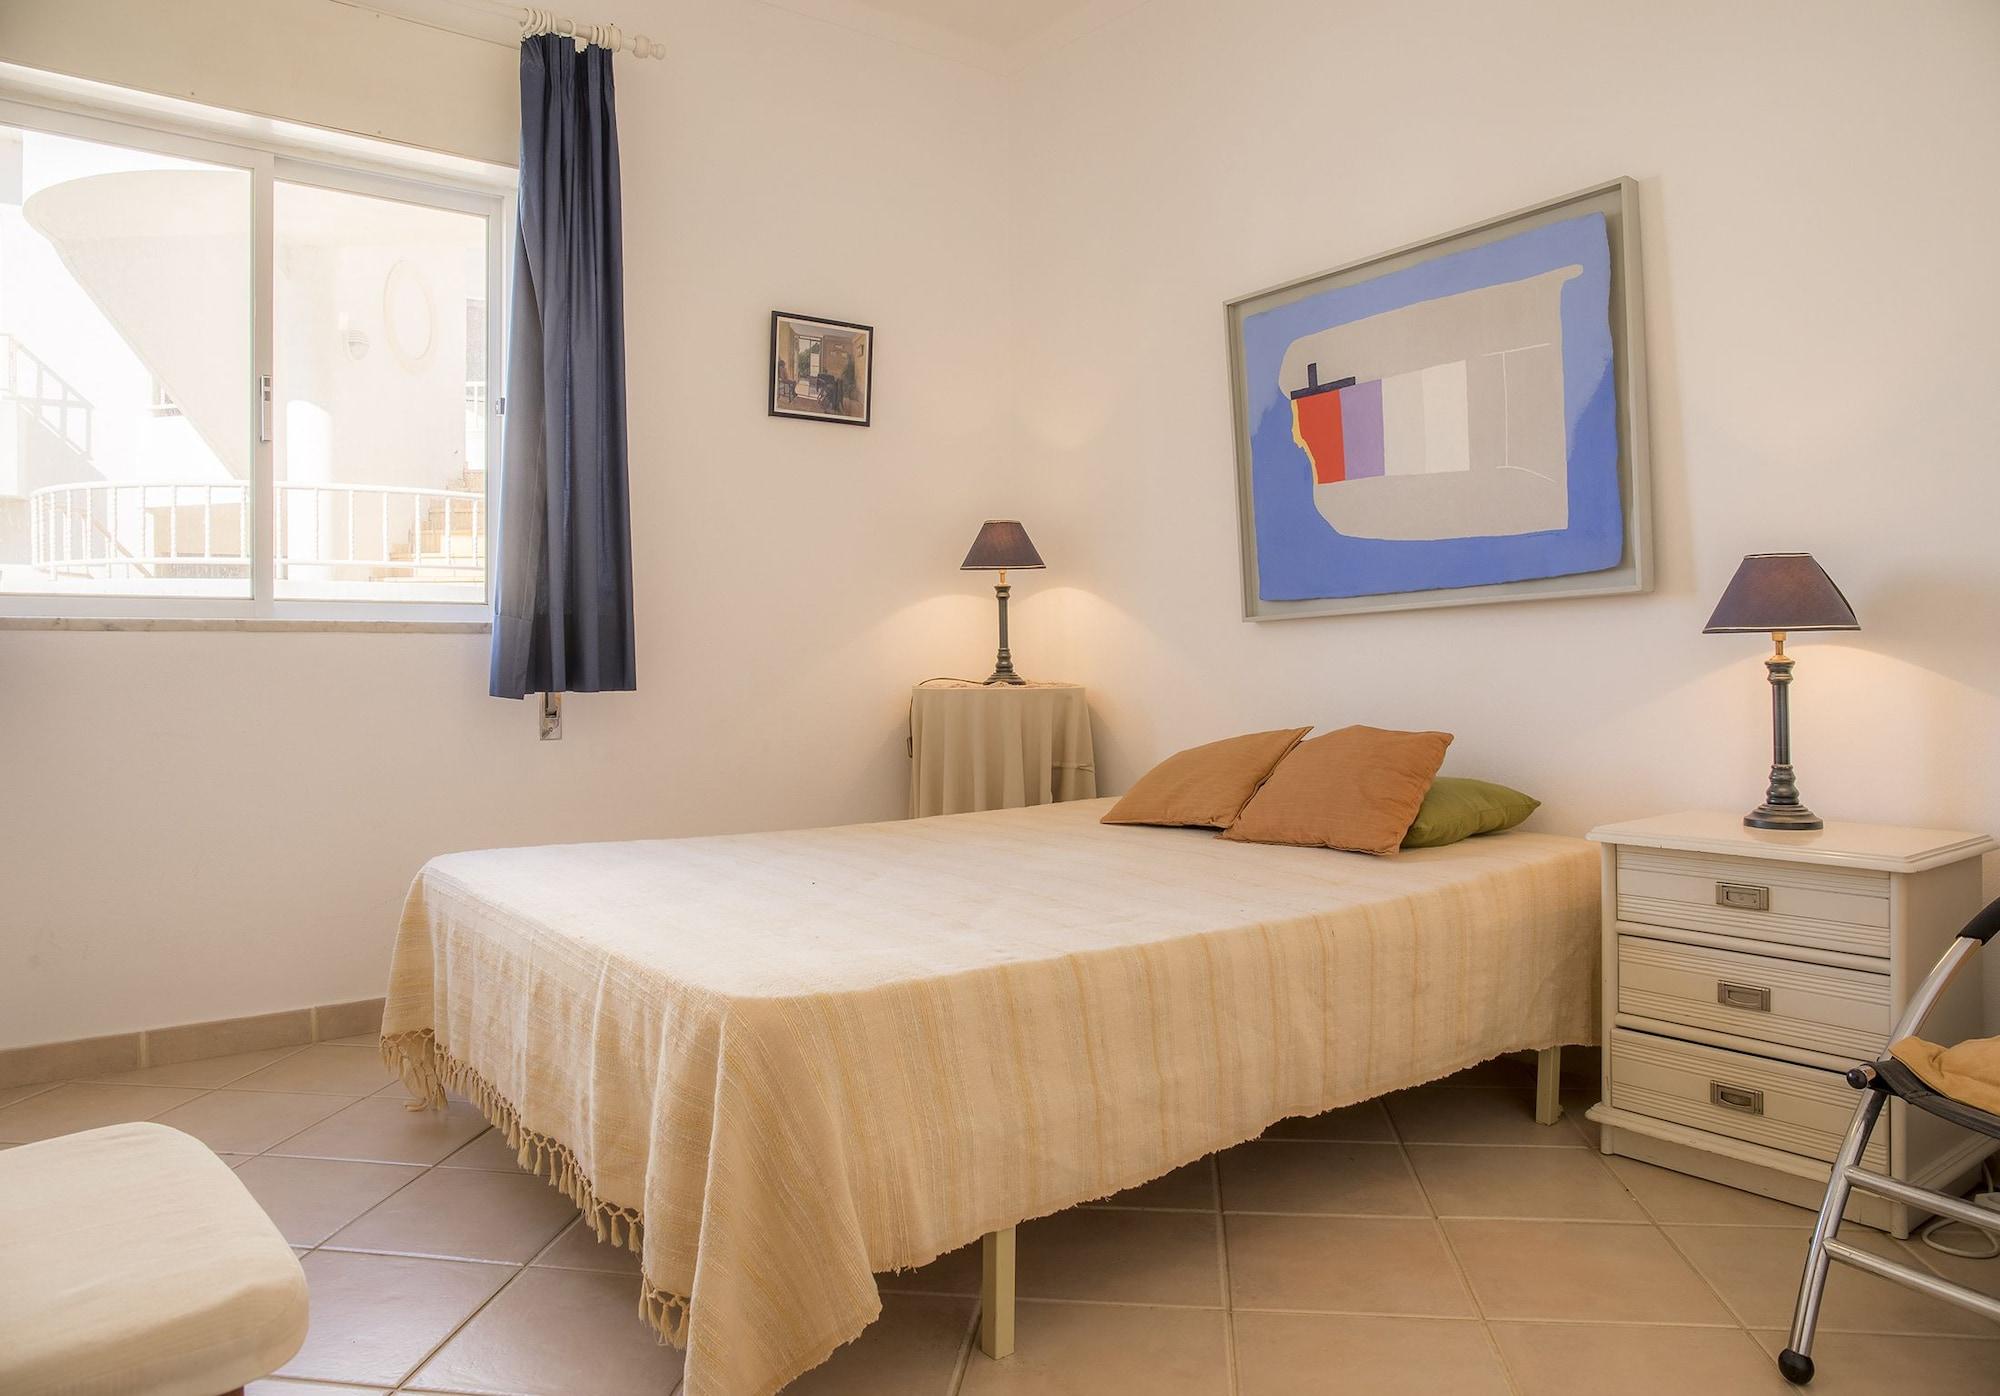 B30 - Apartment Alvor by DreamAlgarve, Portimão